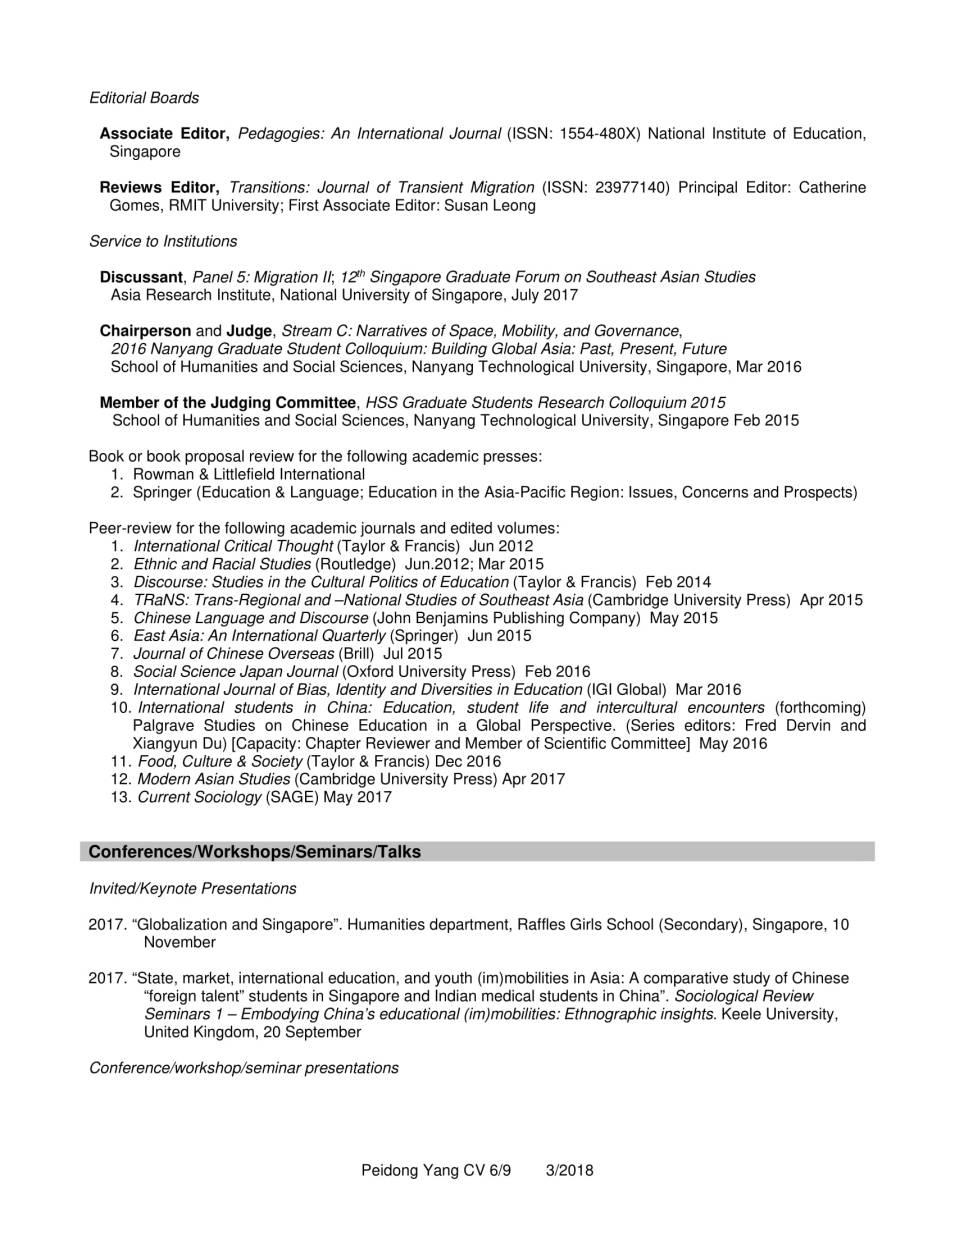 CV YANG Peidong_3.2018-6